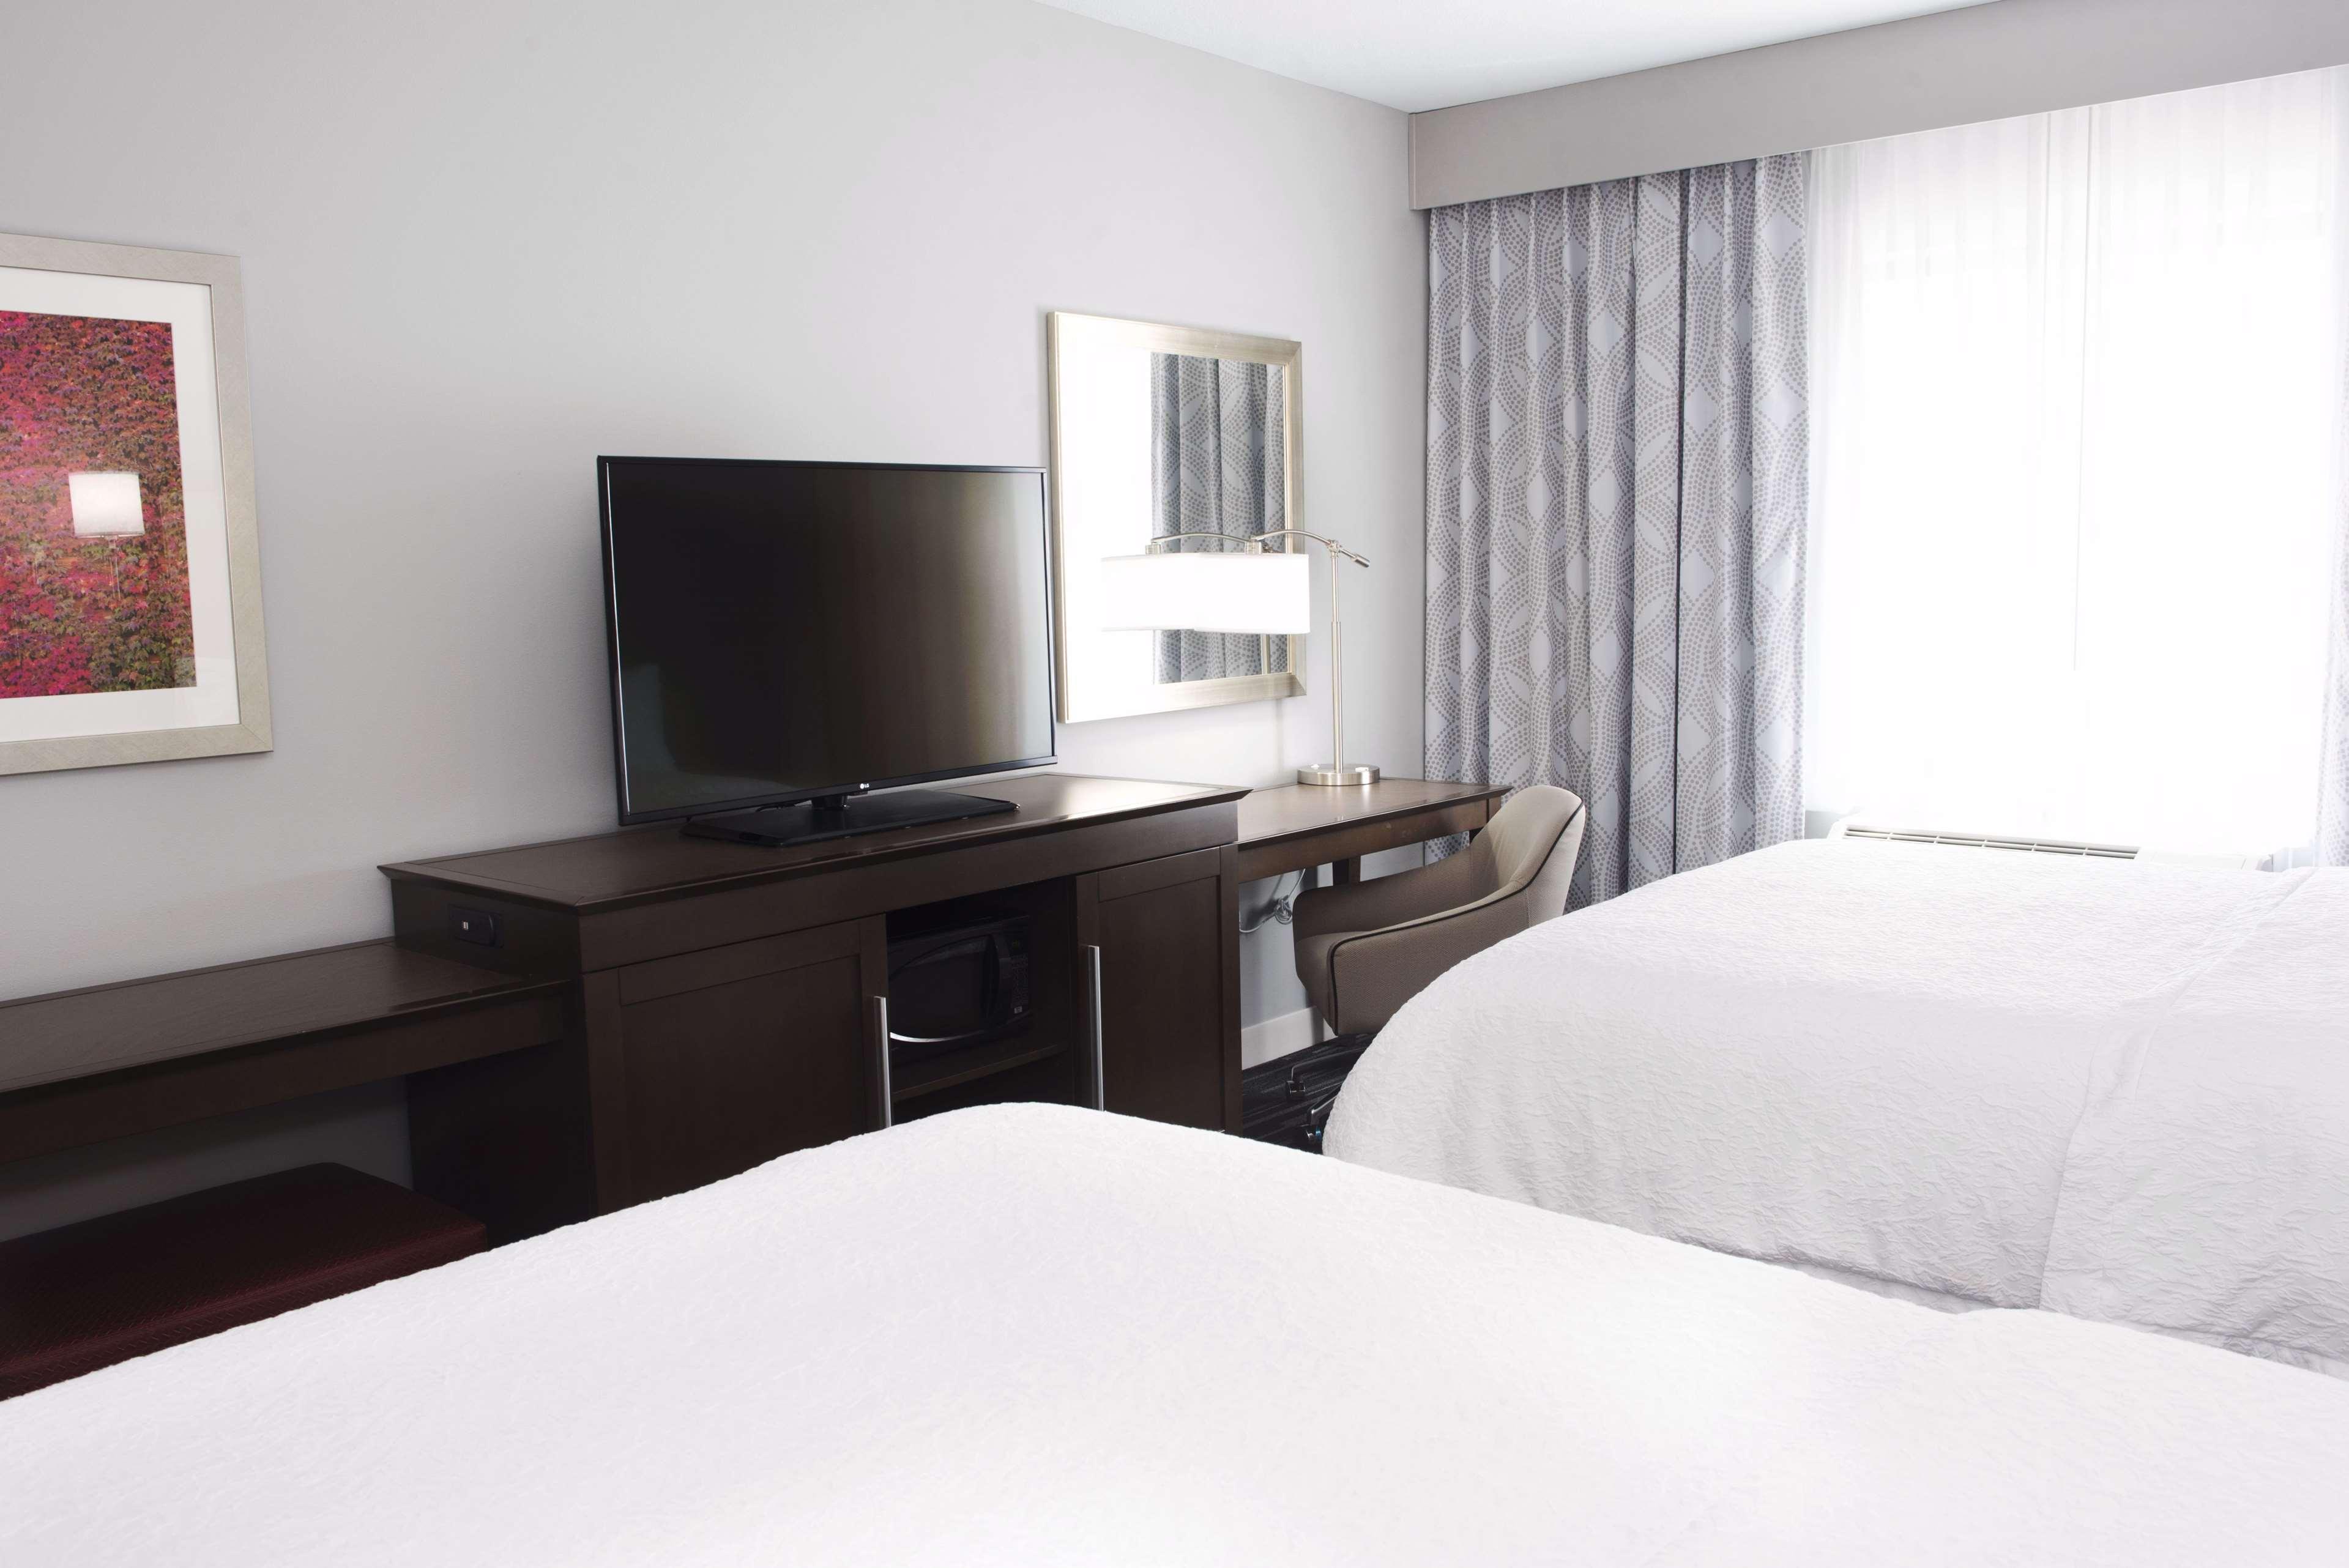 Hampton Inn & Suites Des Moines/Urbandale image 27